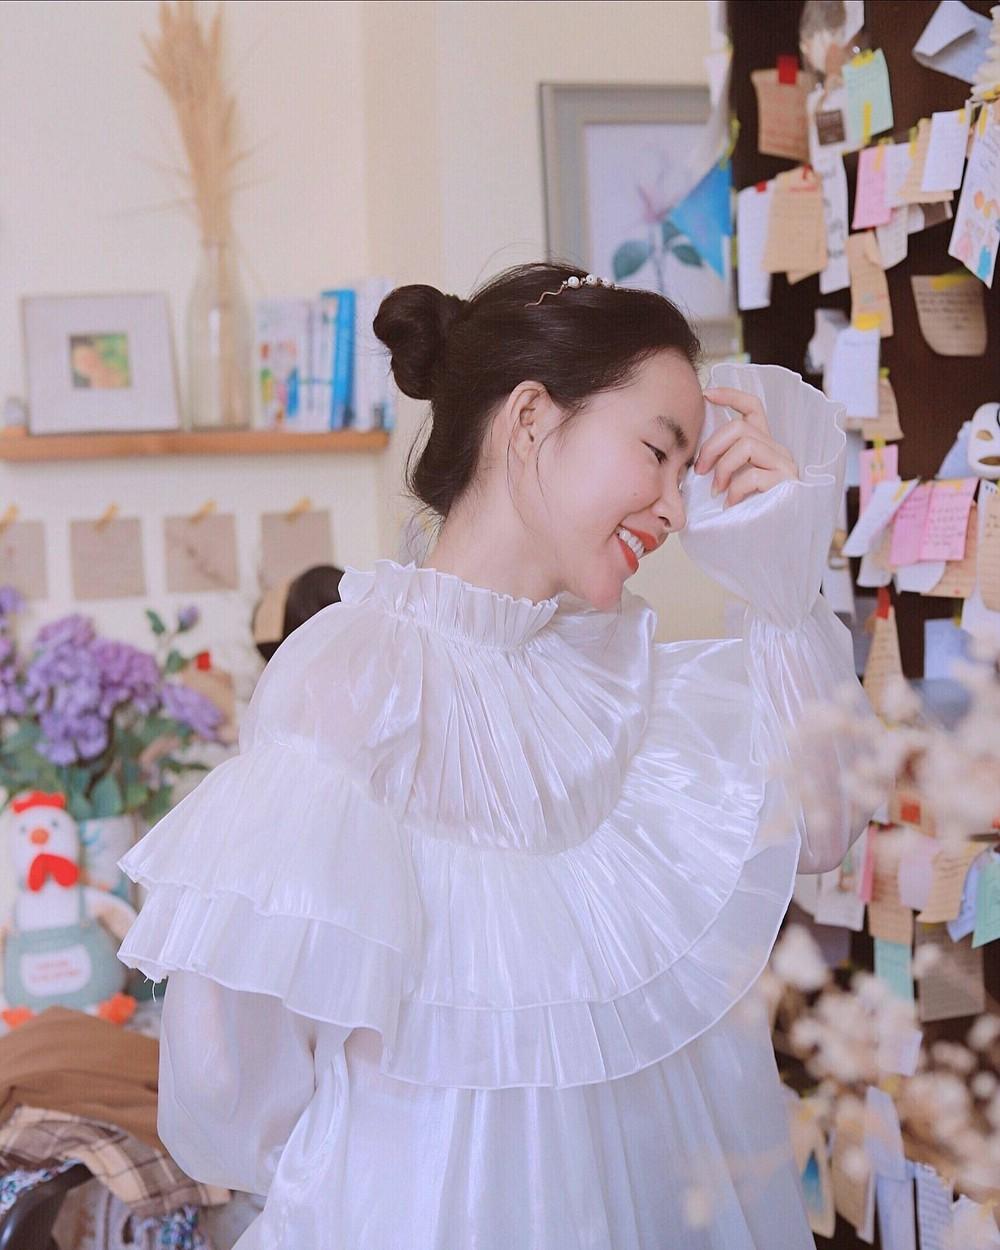 Nữ giảng viên đẹp như idol Hàn Quốc, nhiều người nhầm tưởng sinh viên - Ảnh 3.